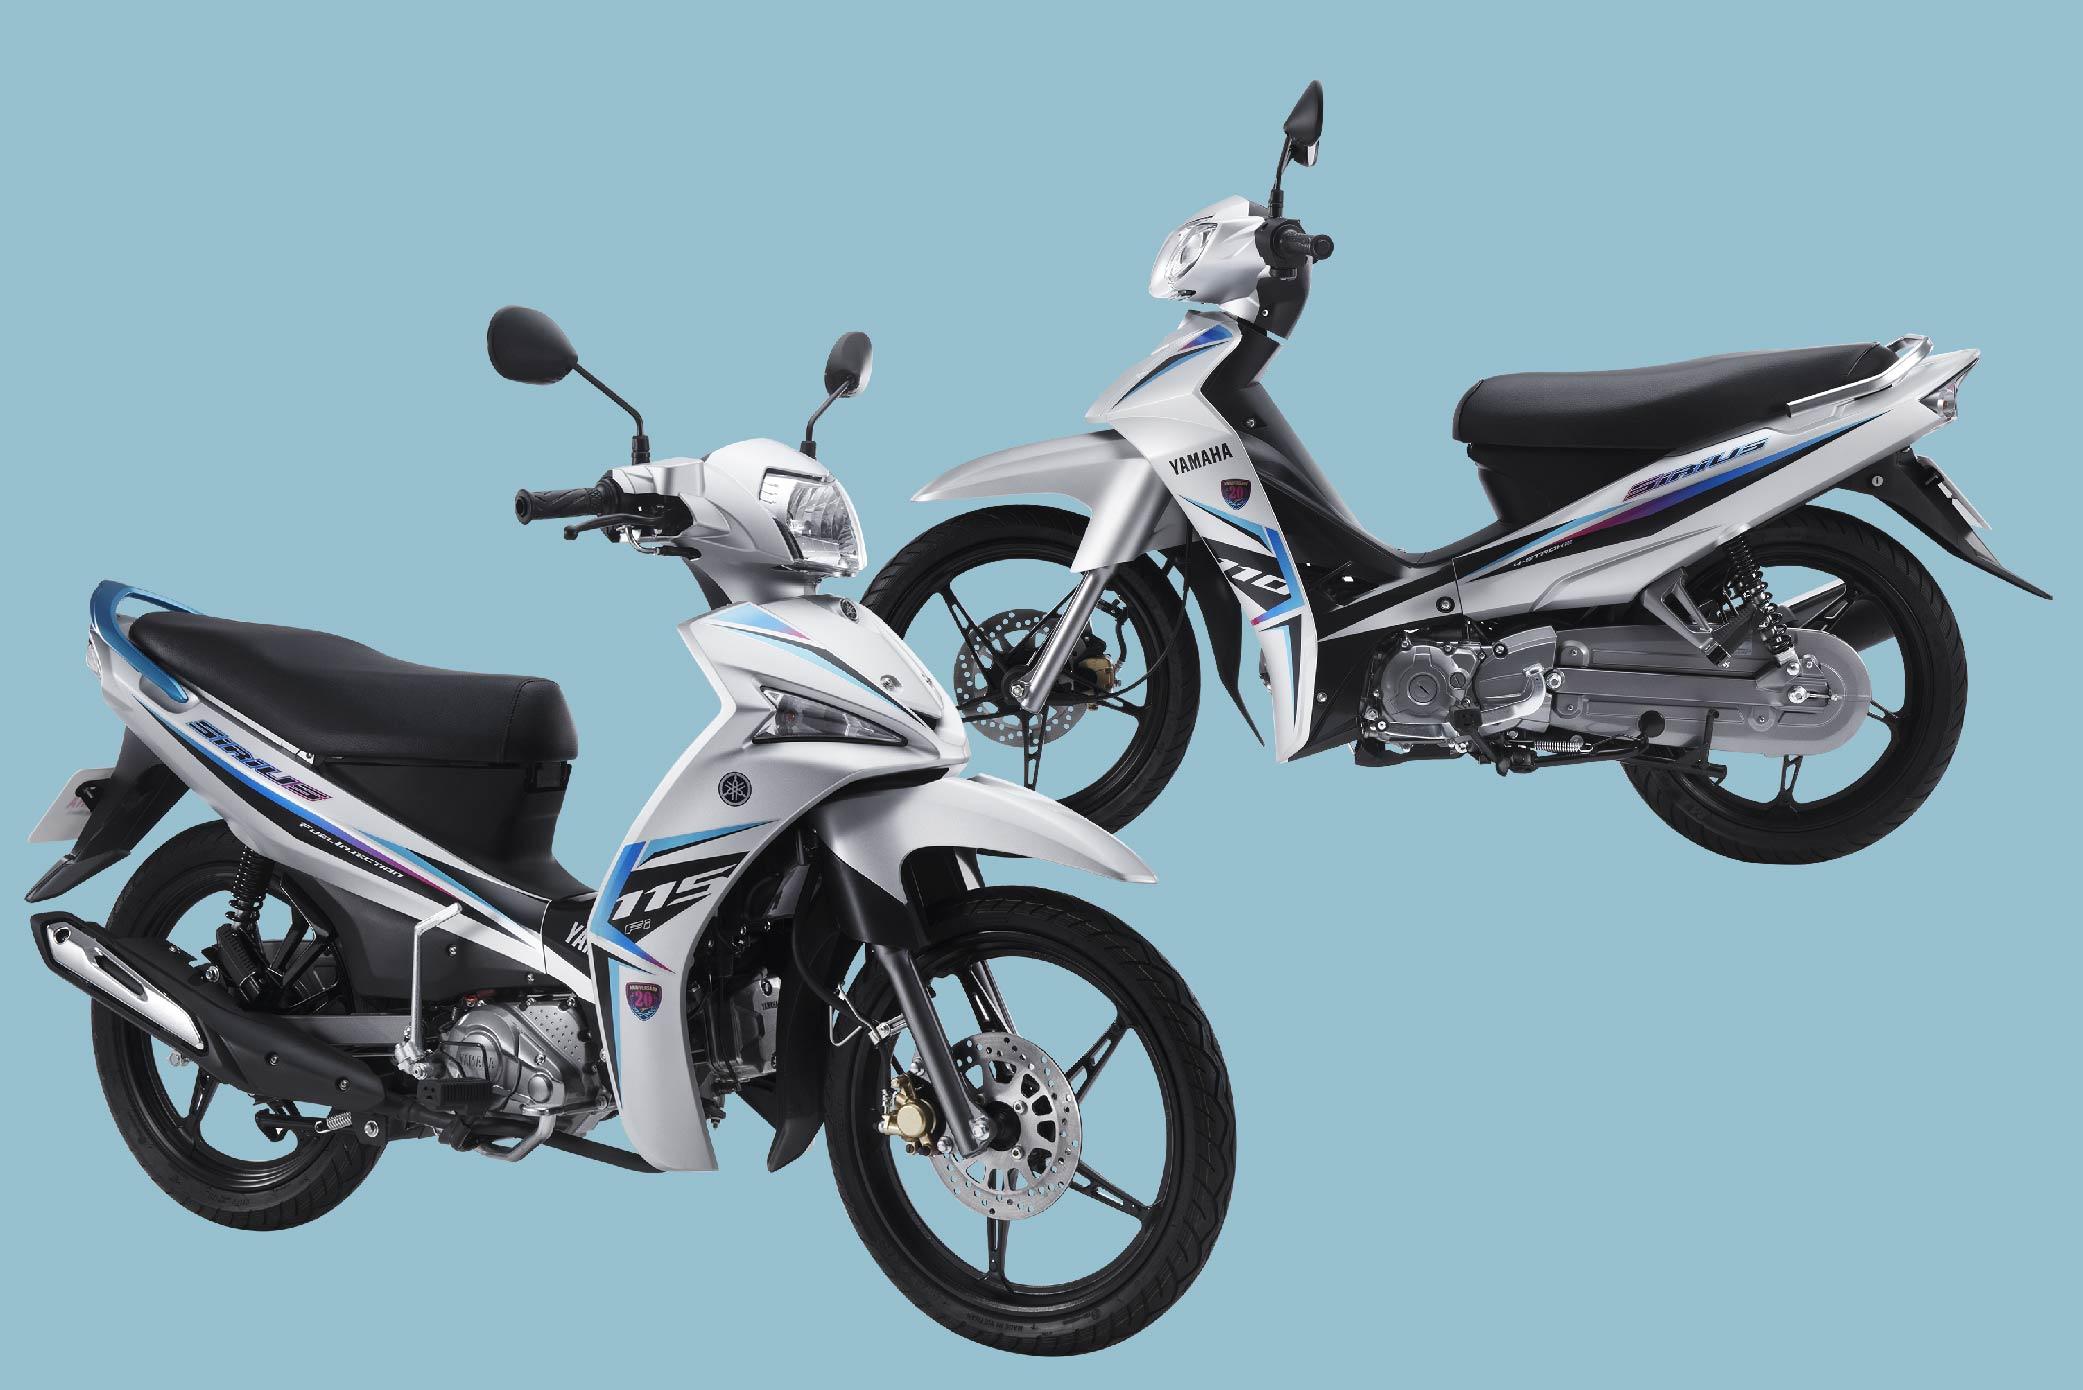 Yamaha Việt Nam giới thiệu Sirius màu mới, giá từ 21.8 triệu đồng